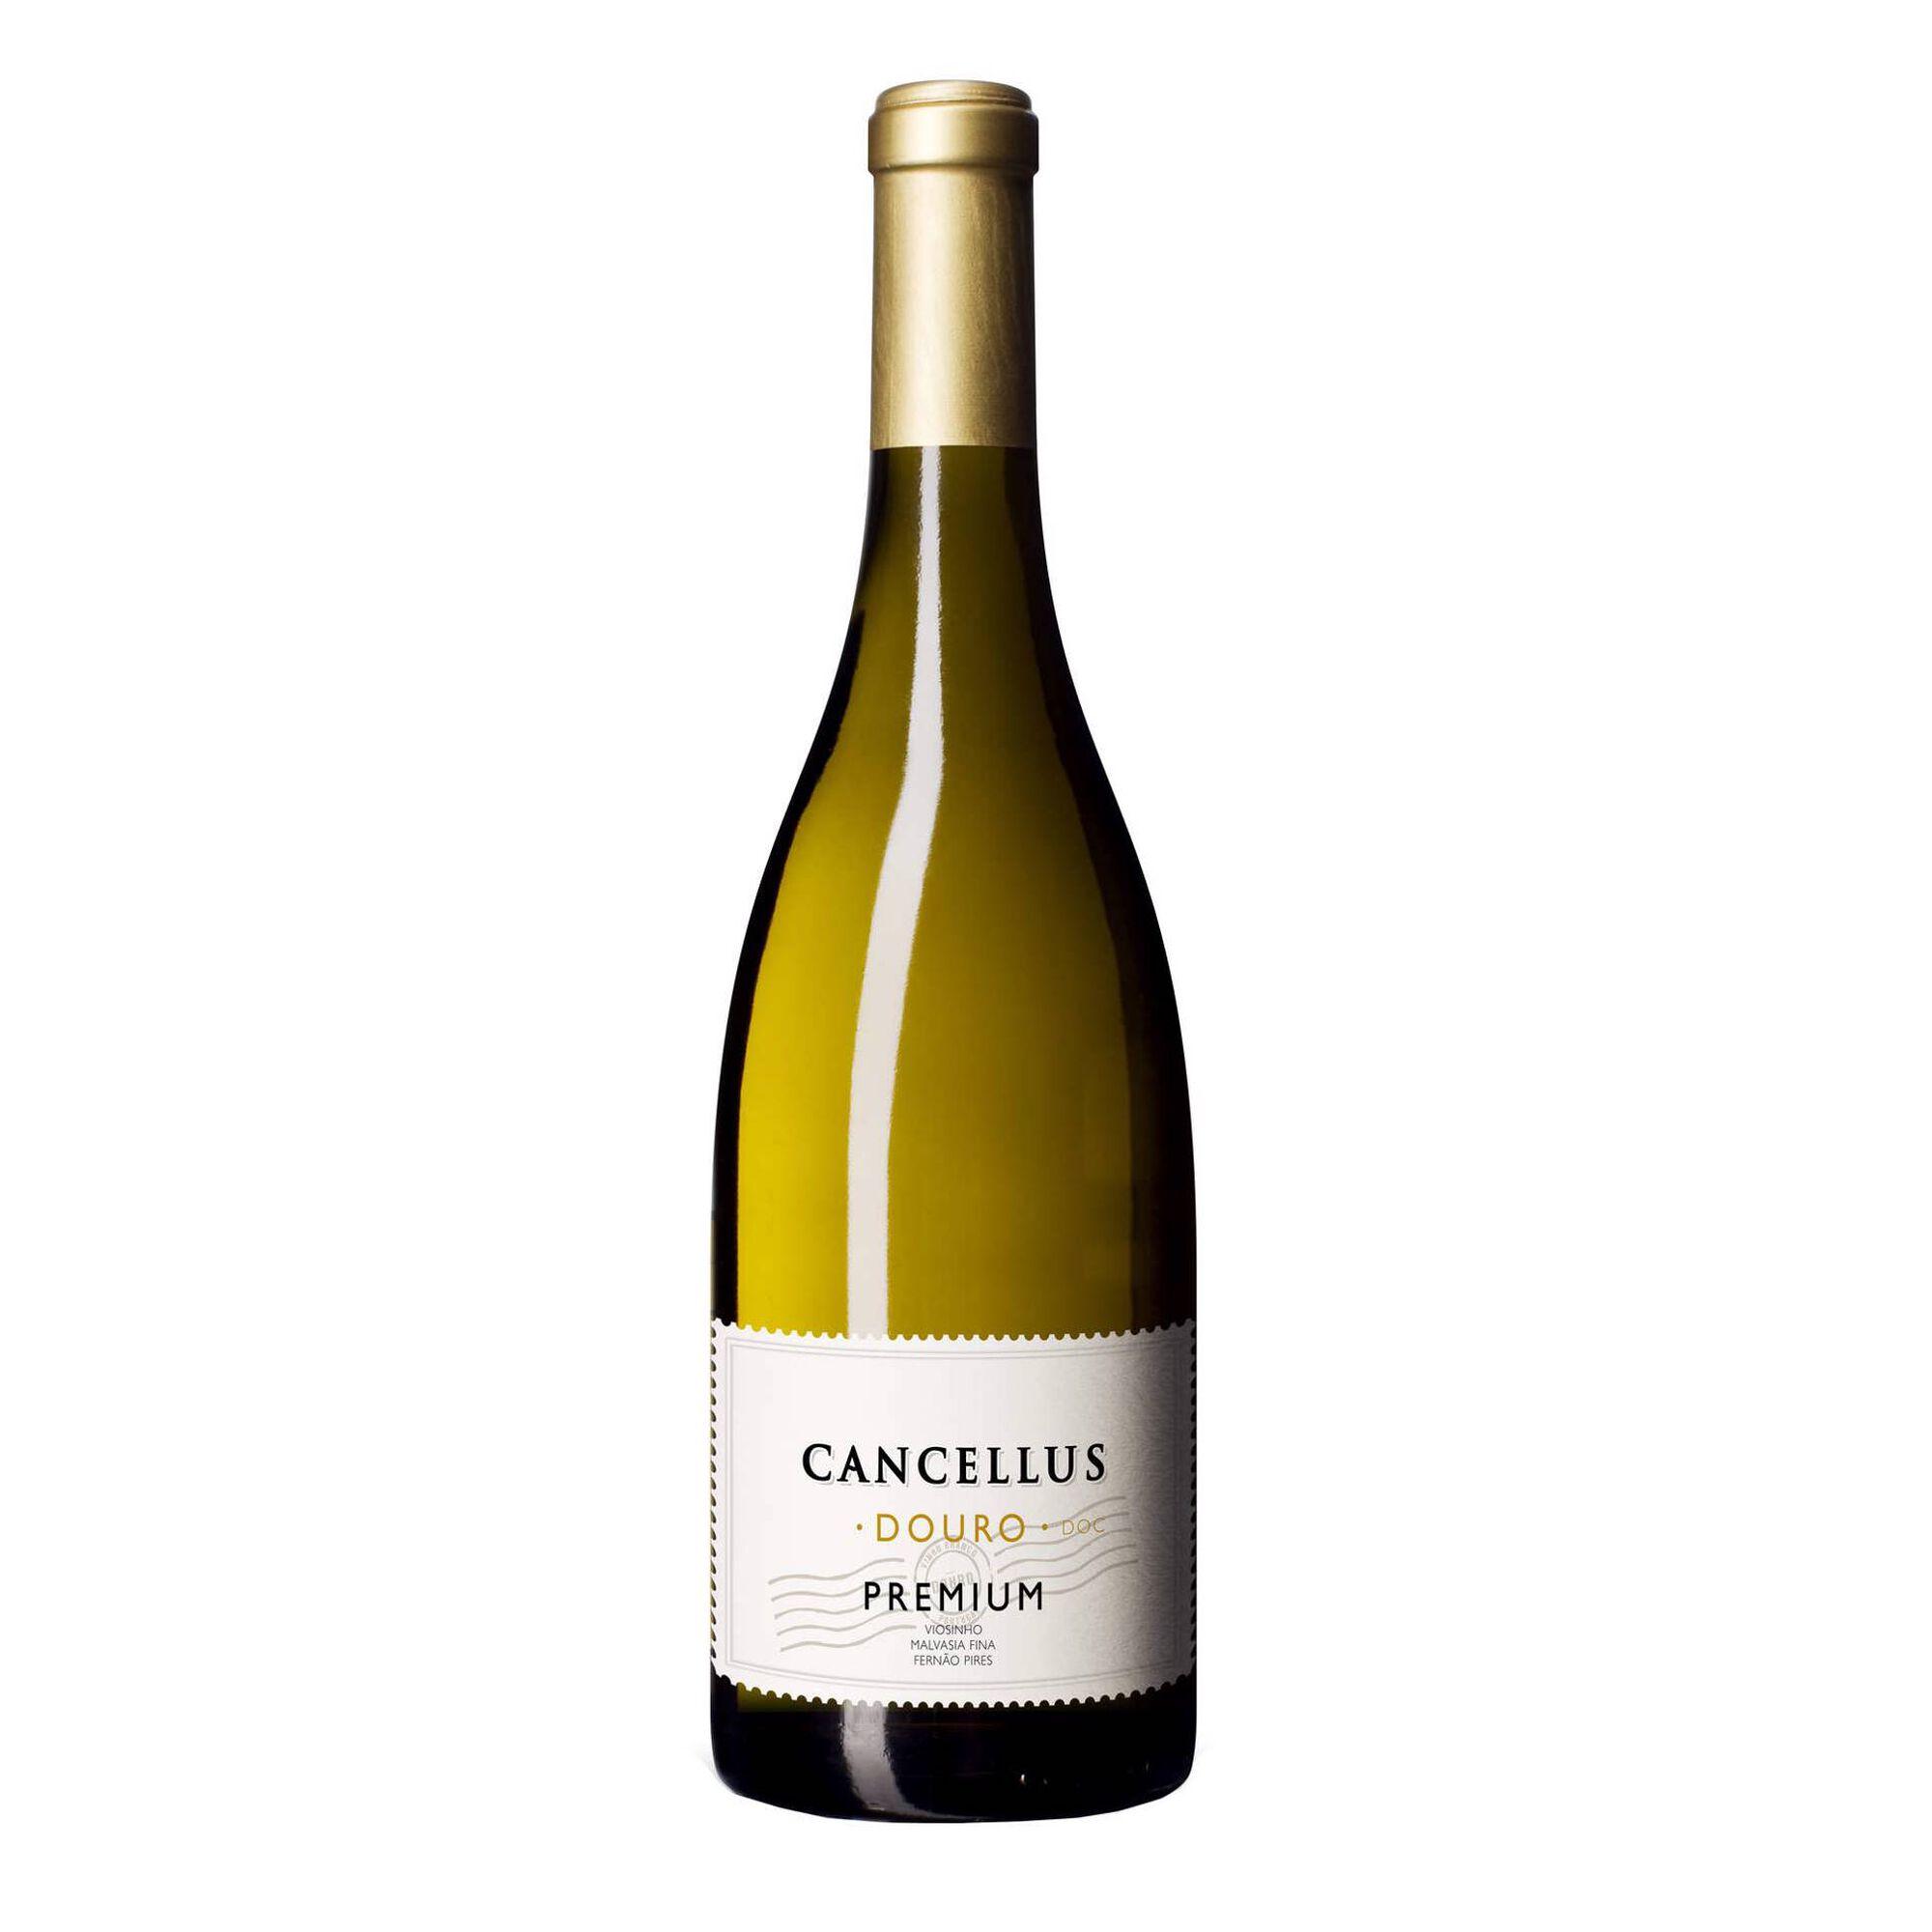 Cancellus Premium DOC Douro Vinho Branco